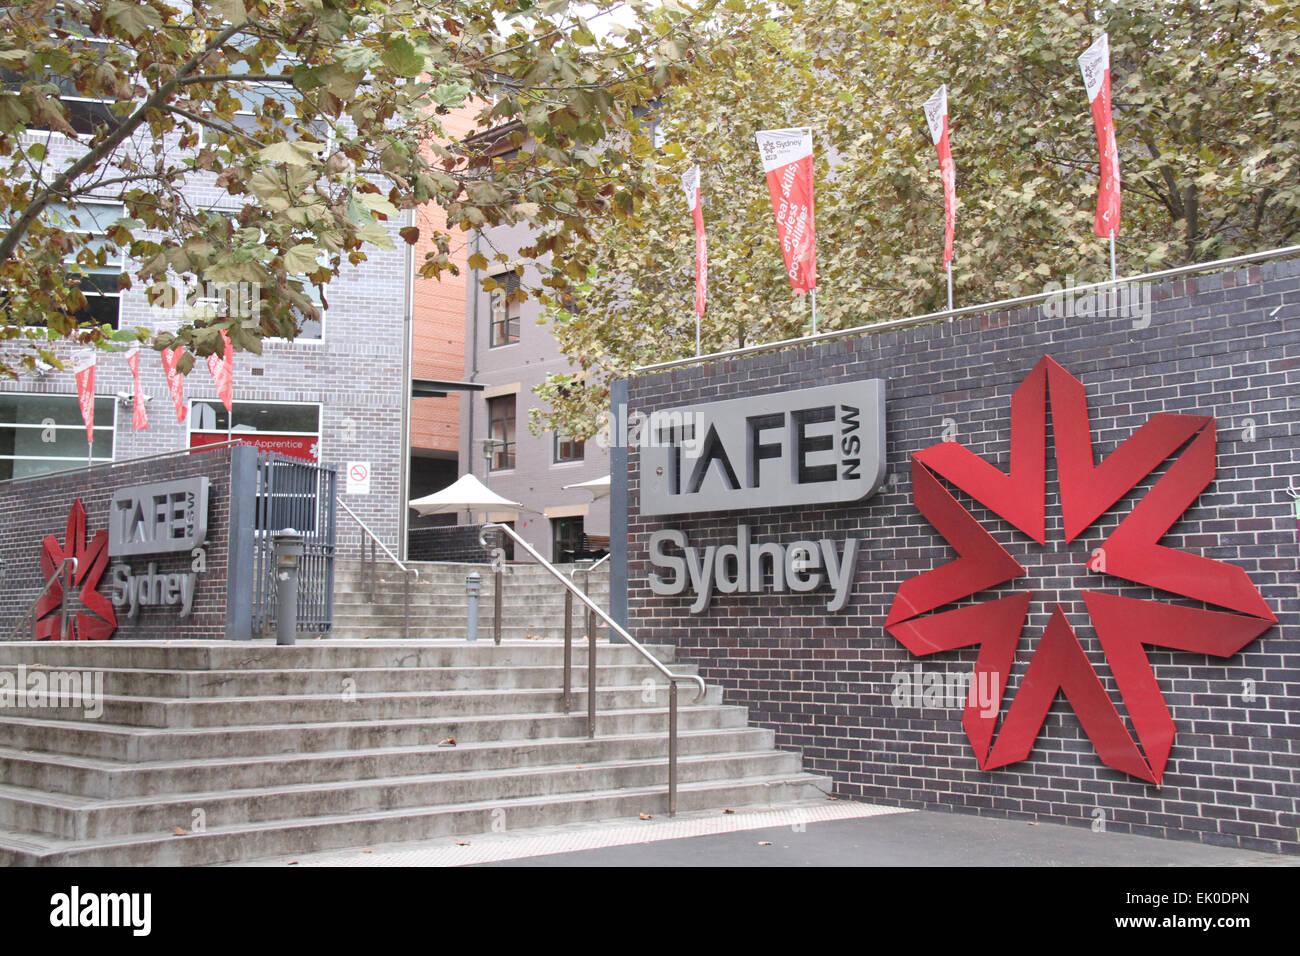 Partner Project - Study NSW + Successful Graduate